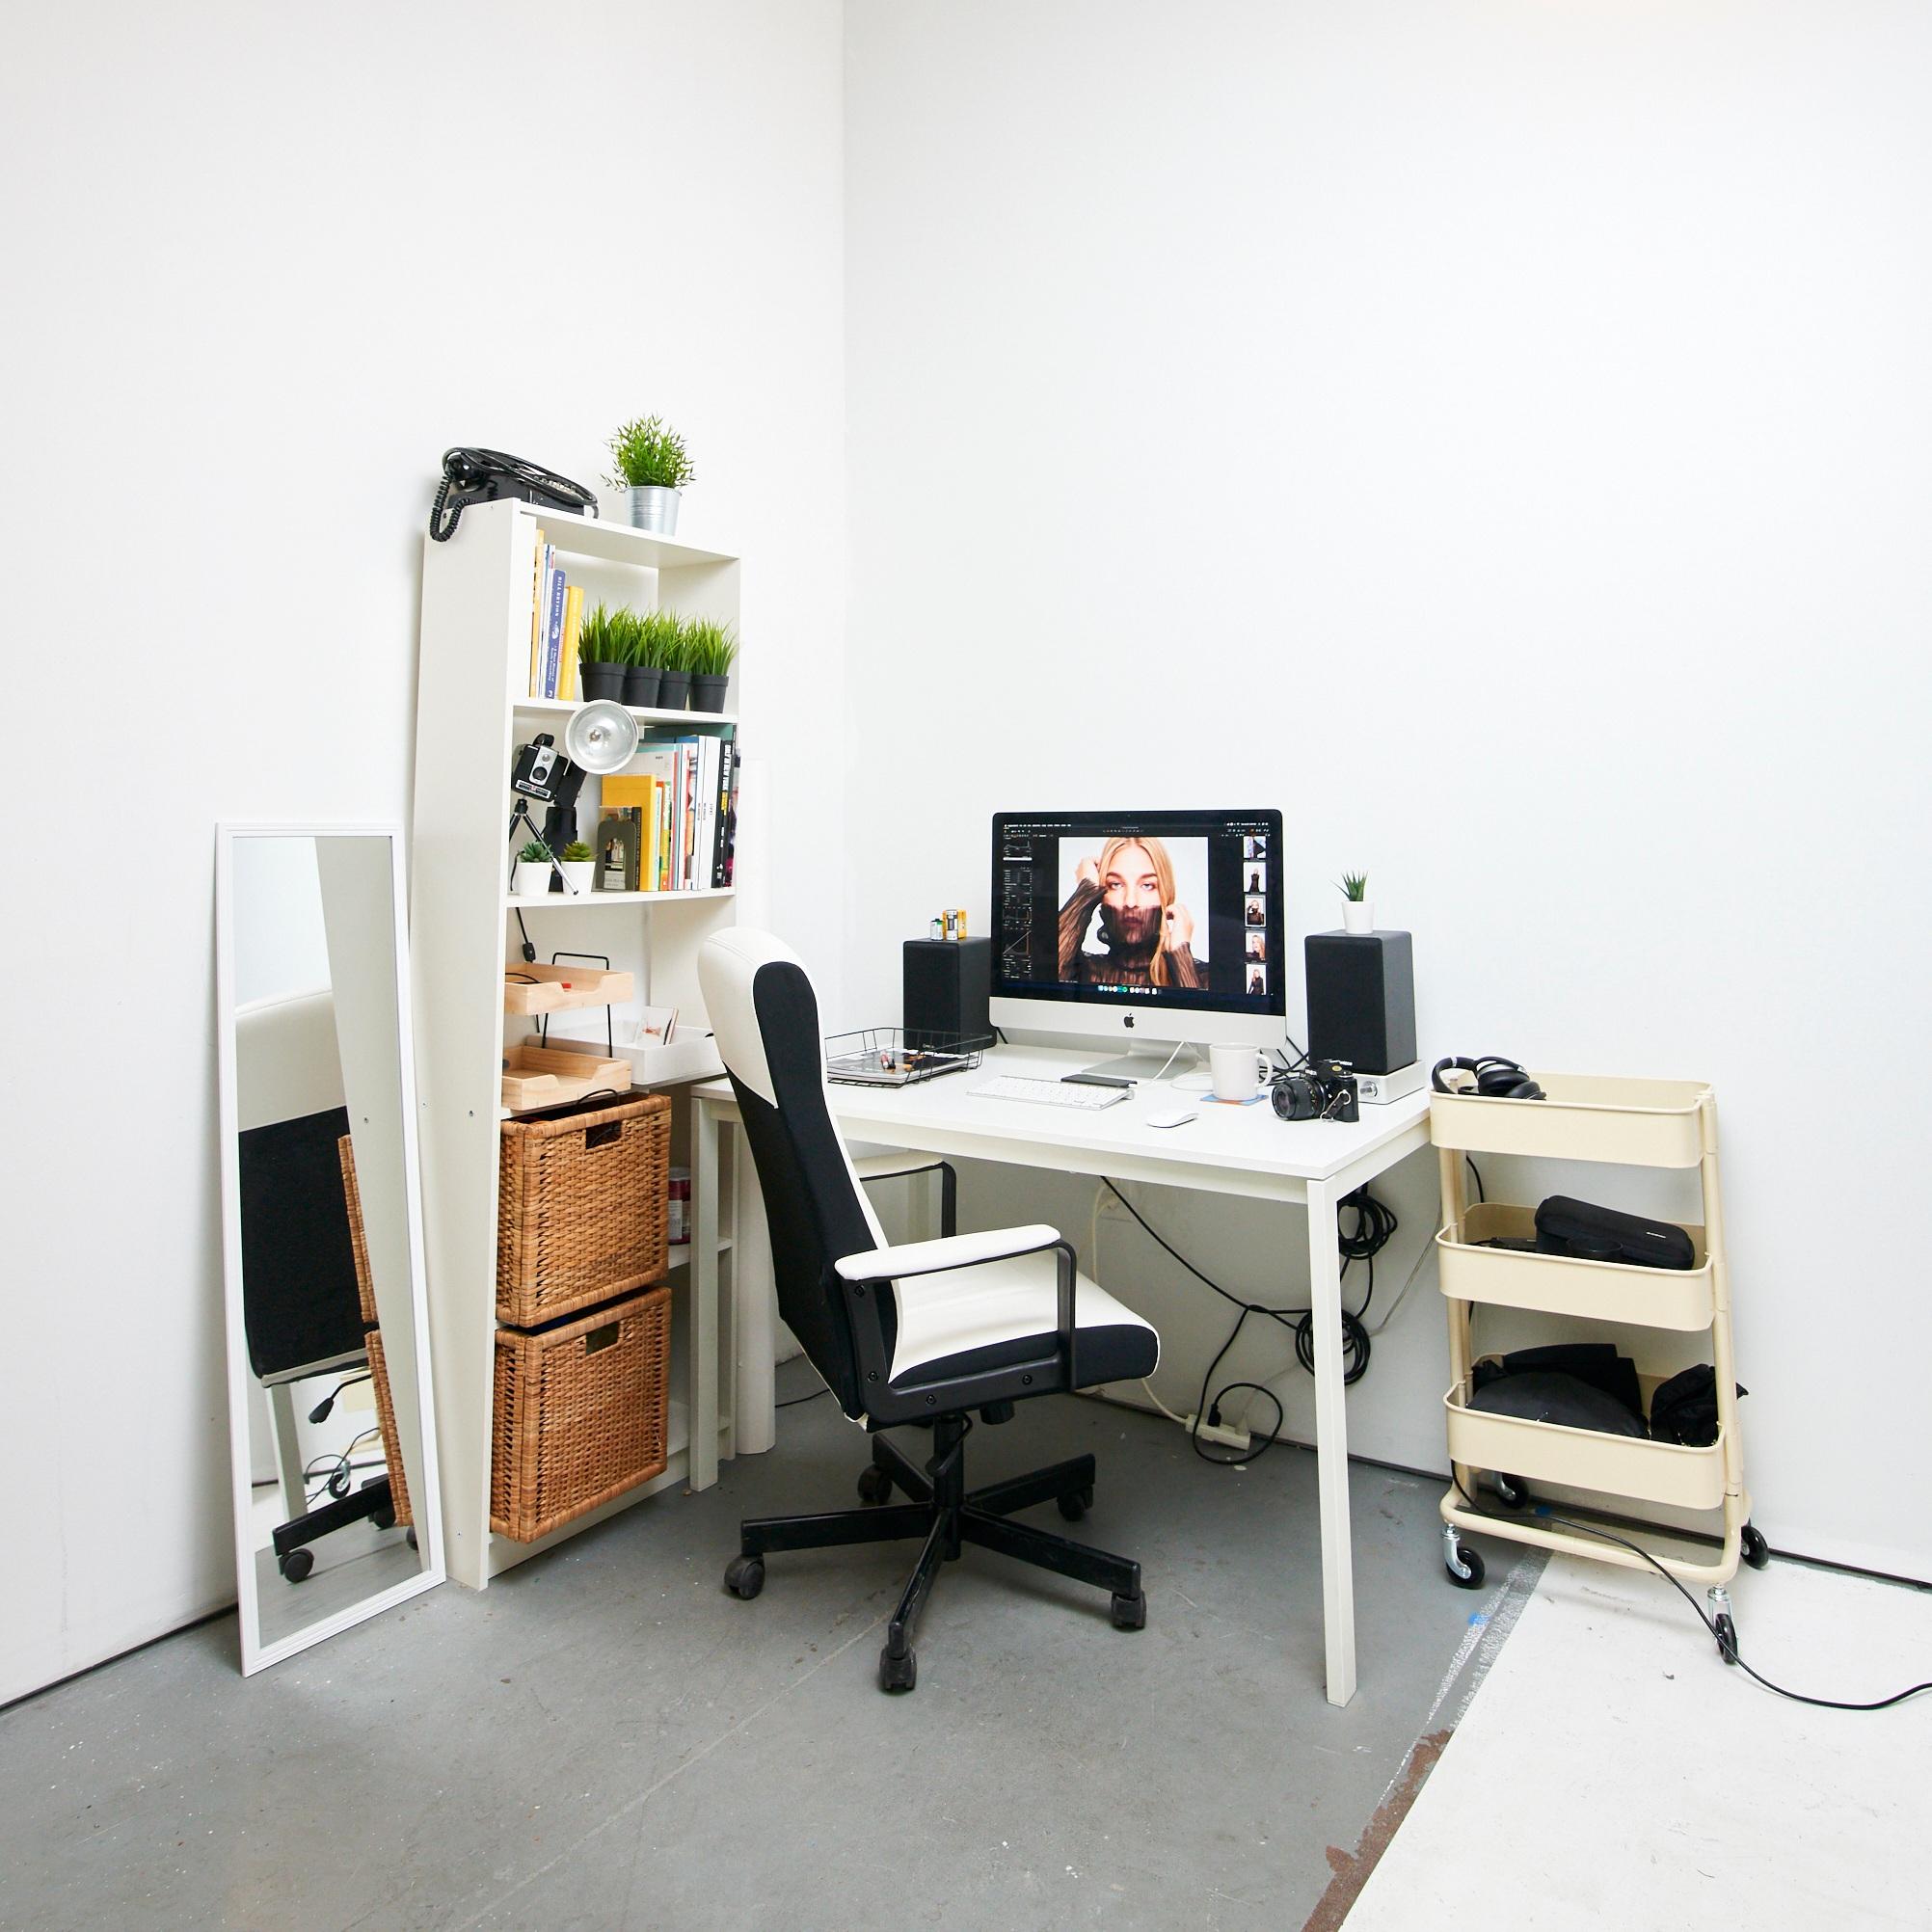 Studio+70+Desk+Tech+Setup+Mike+Edmonds